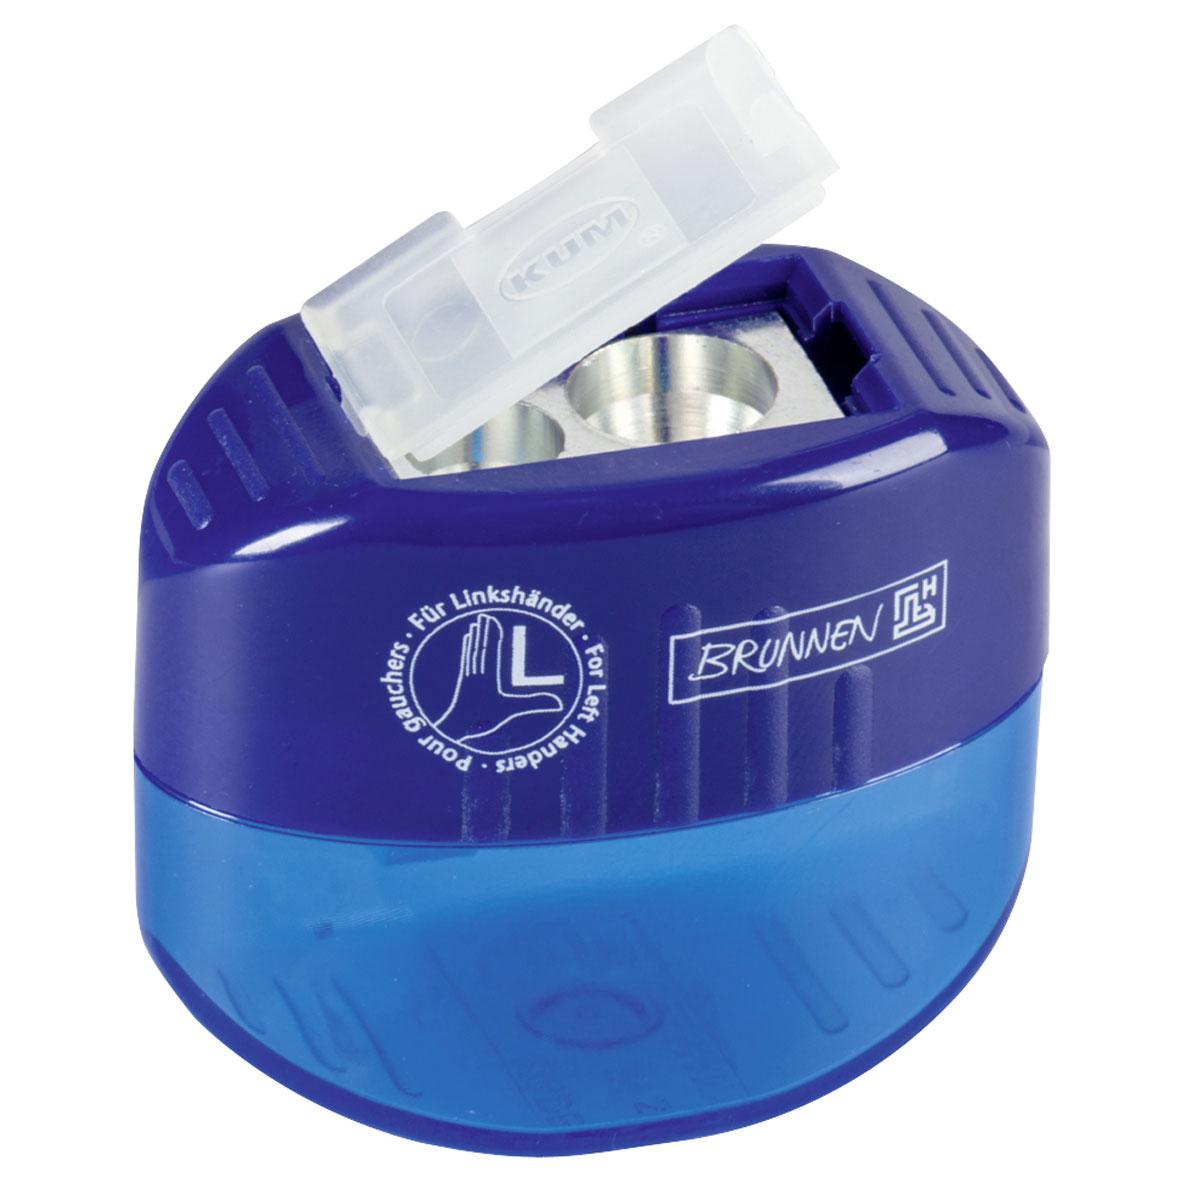 Brunnen Точилка двойная, для левшей, цвет: синий29842\BCDТочилка двойная для левшей, выполнена из прочного пластика.В точилке имеются два отверстия для карандашей разного диаметра, подходит для различных видов карандашей. Отверстия закрываются удобной пластиковой крышкой.Полупрозрачный контейнер для сбора стружки позволяет визуально контролировать уровень заполнения и вовремя производить очистку.